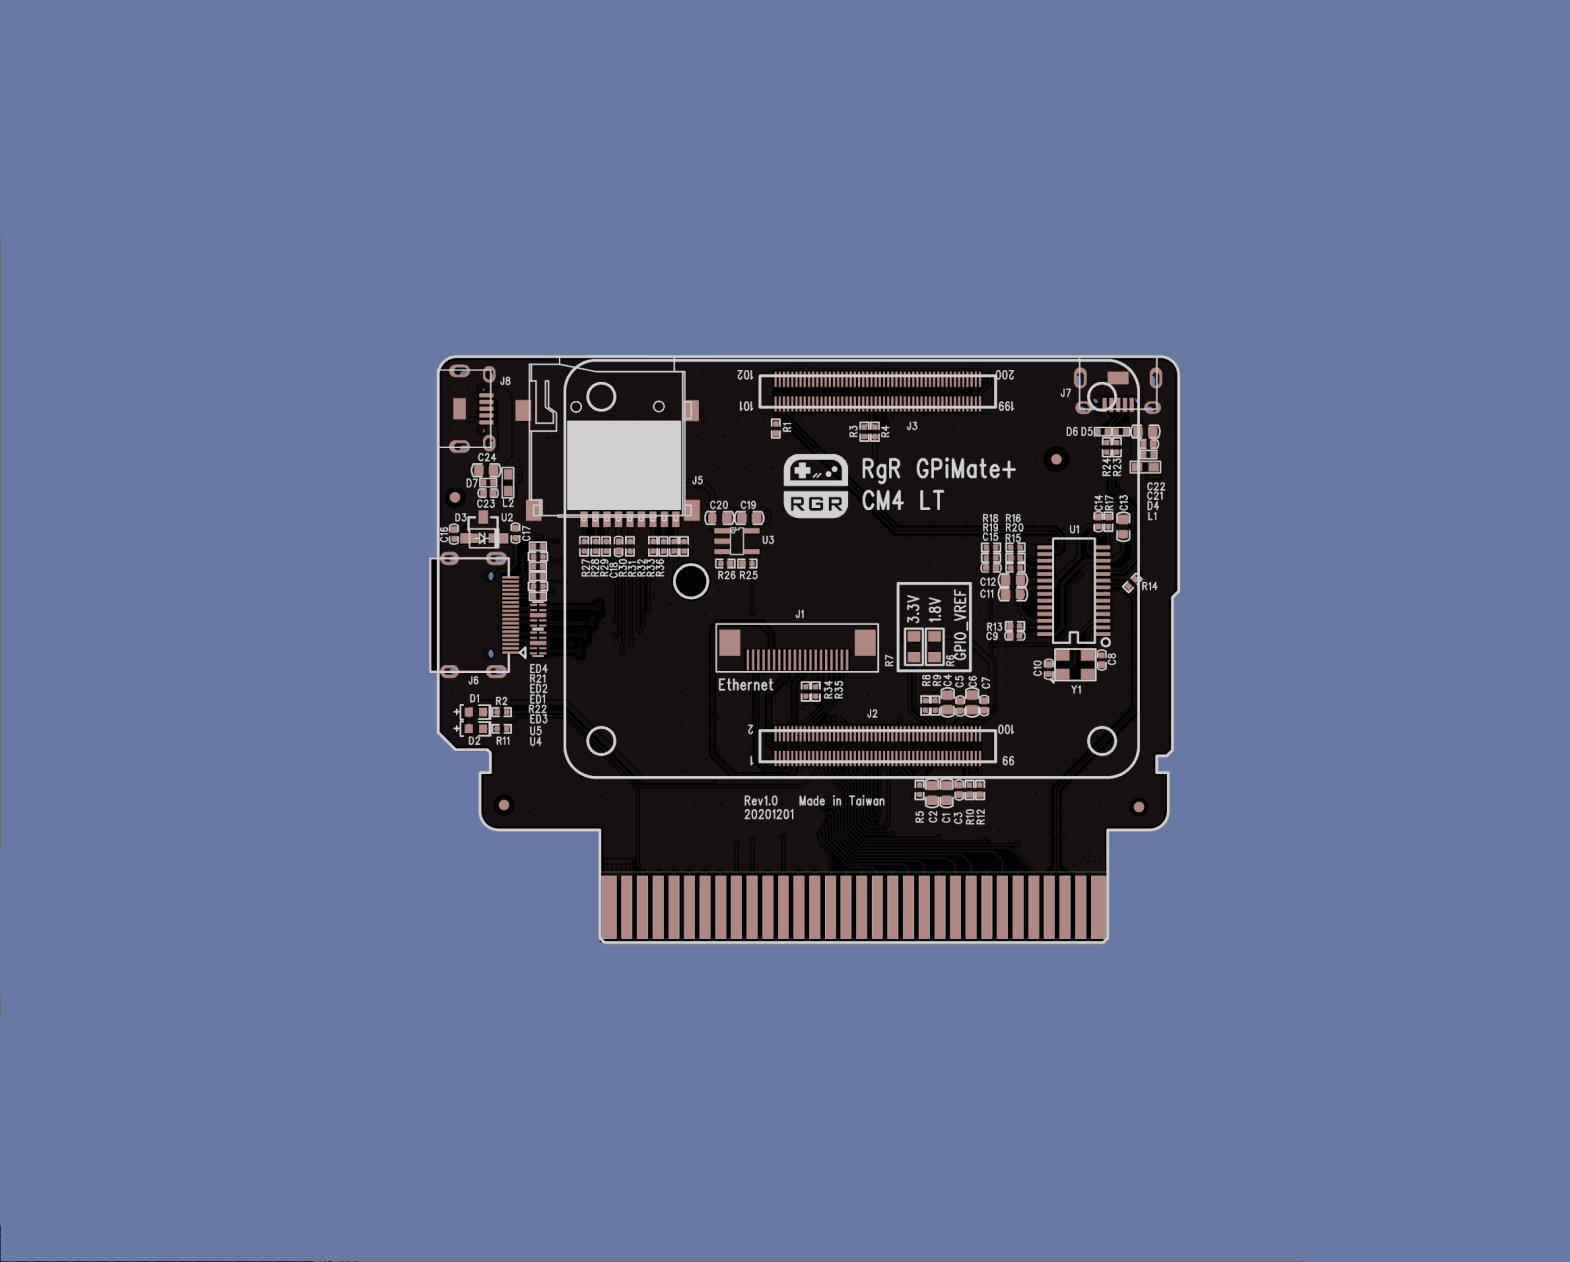 GPiMate Plus for CM4 Lite by Retro Game Restore